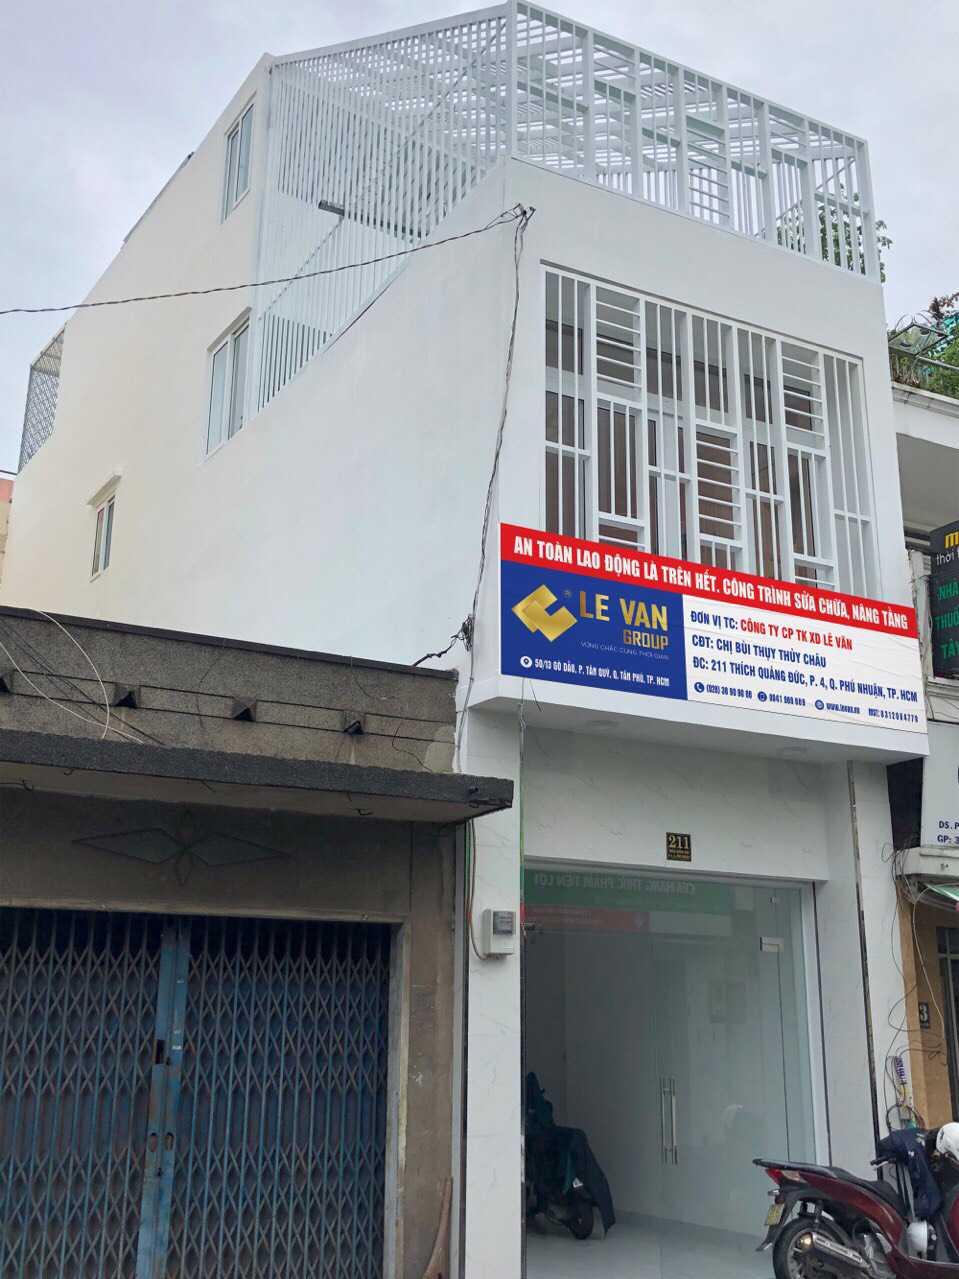 Công trình sửa chữa, nâng tầng chị Bùi Thụy Thuỳ Châu tại Phú Nhuận